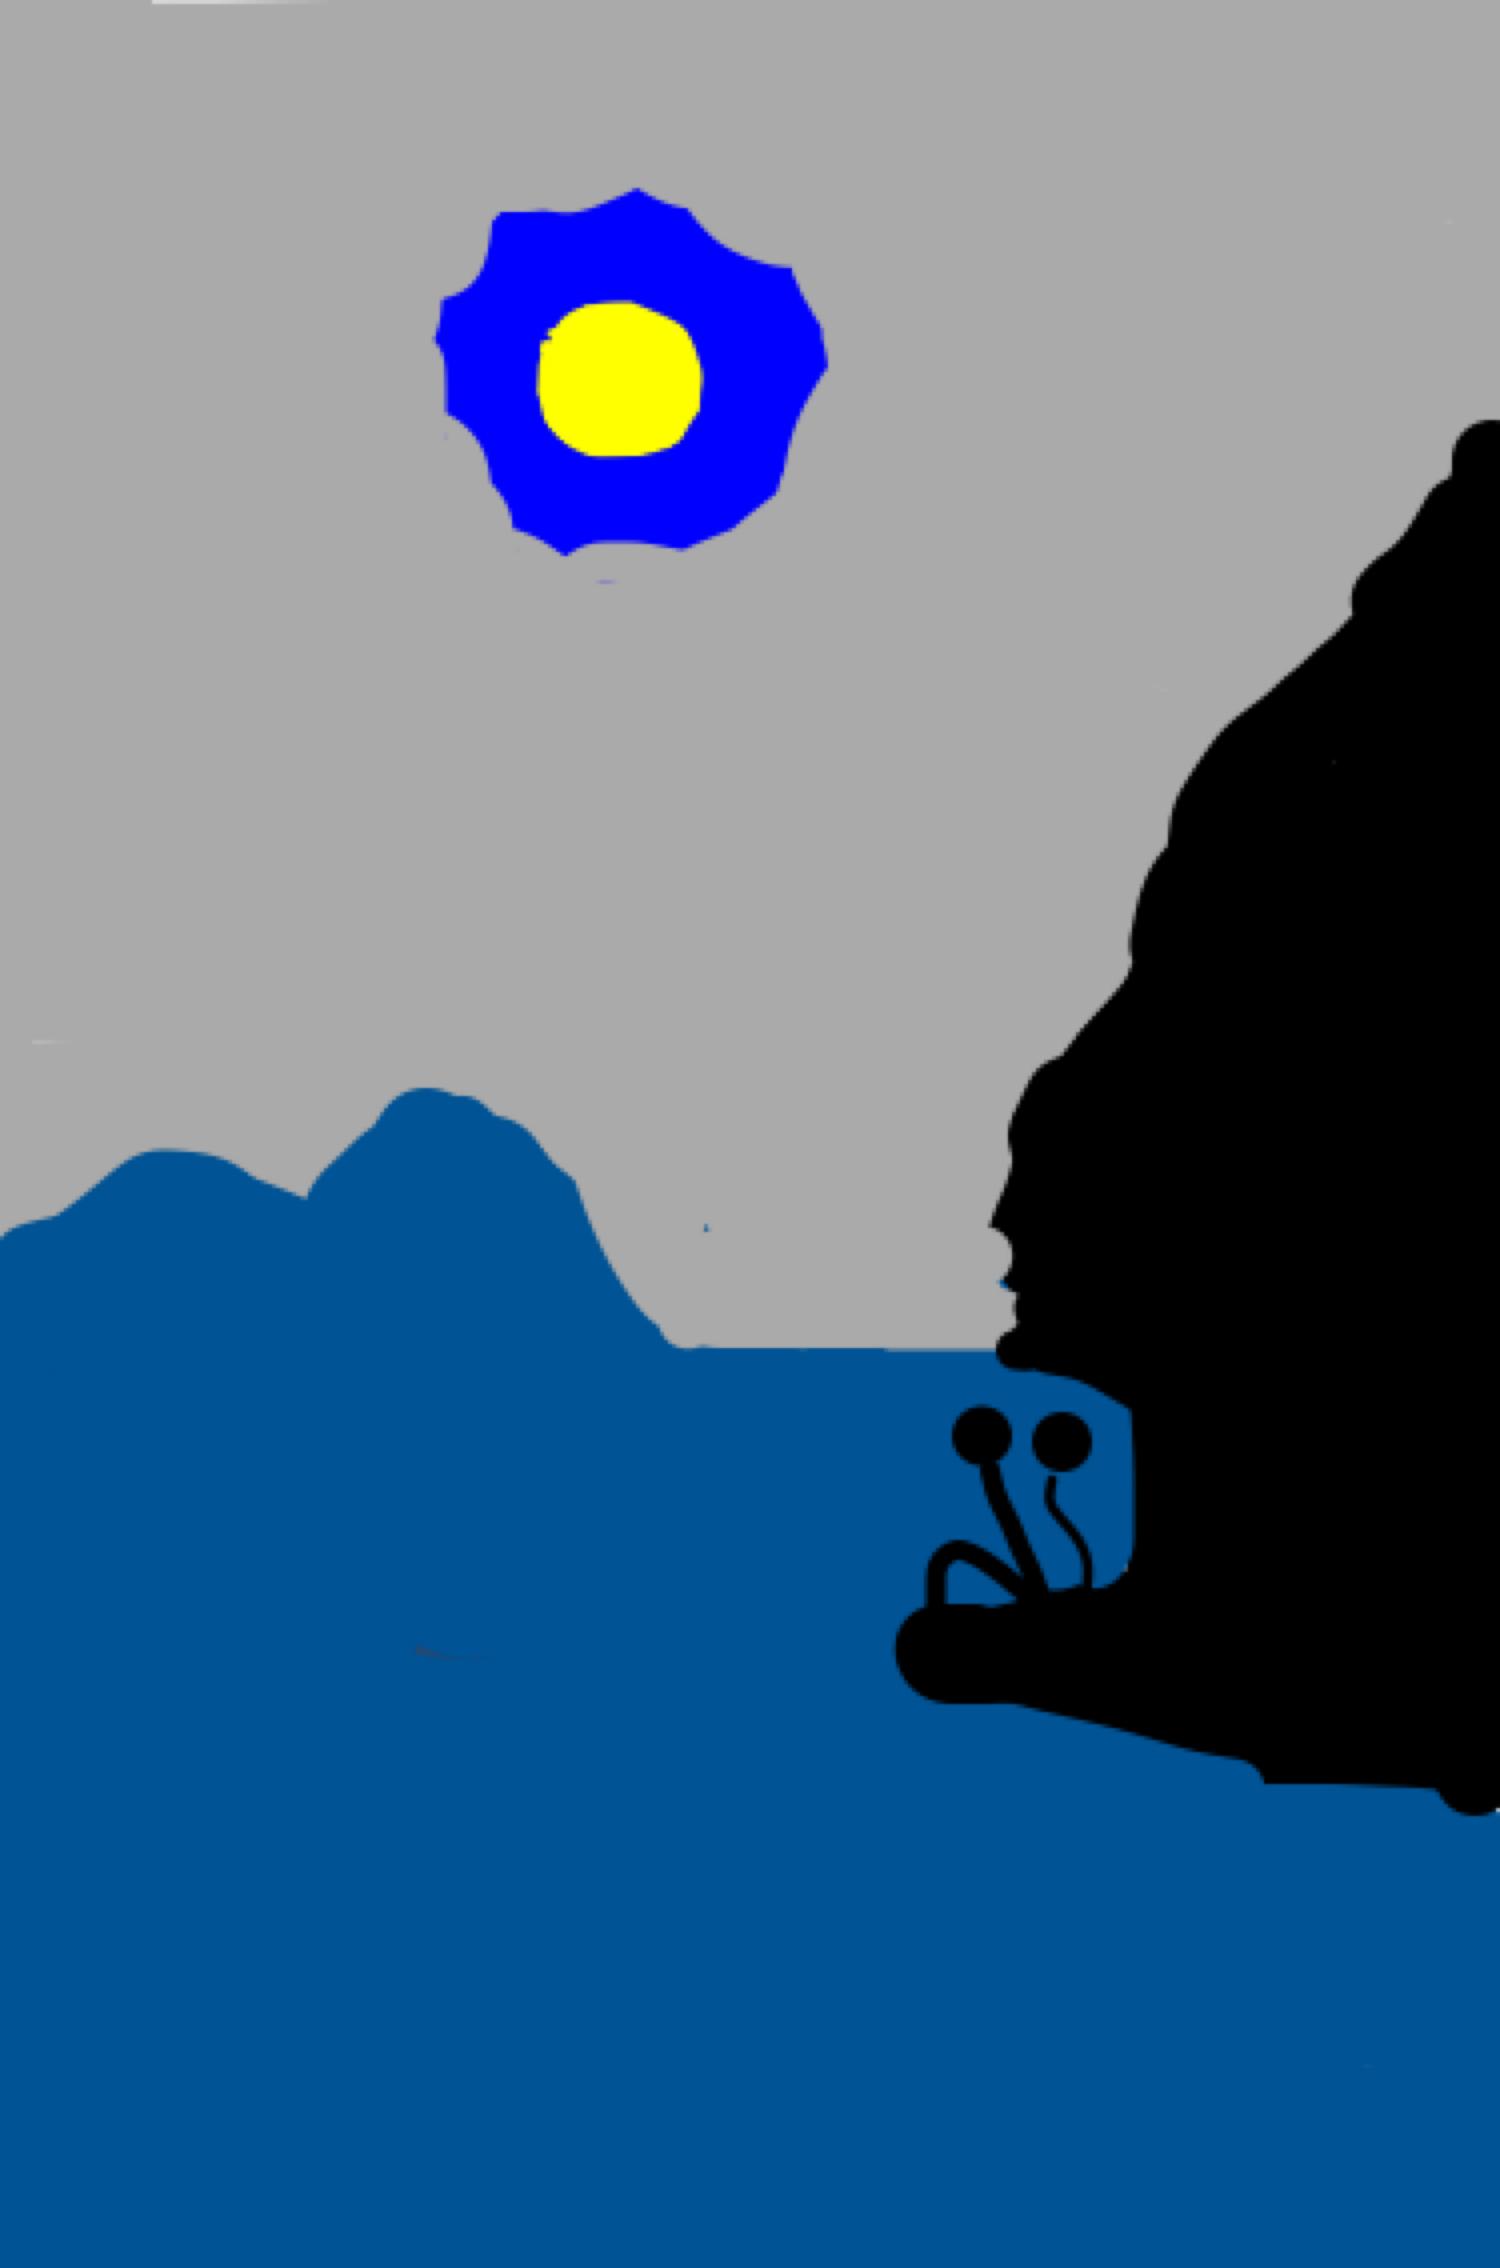 洞窟(修正)